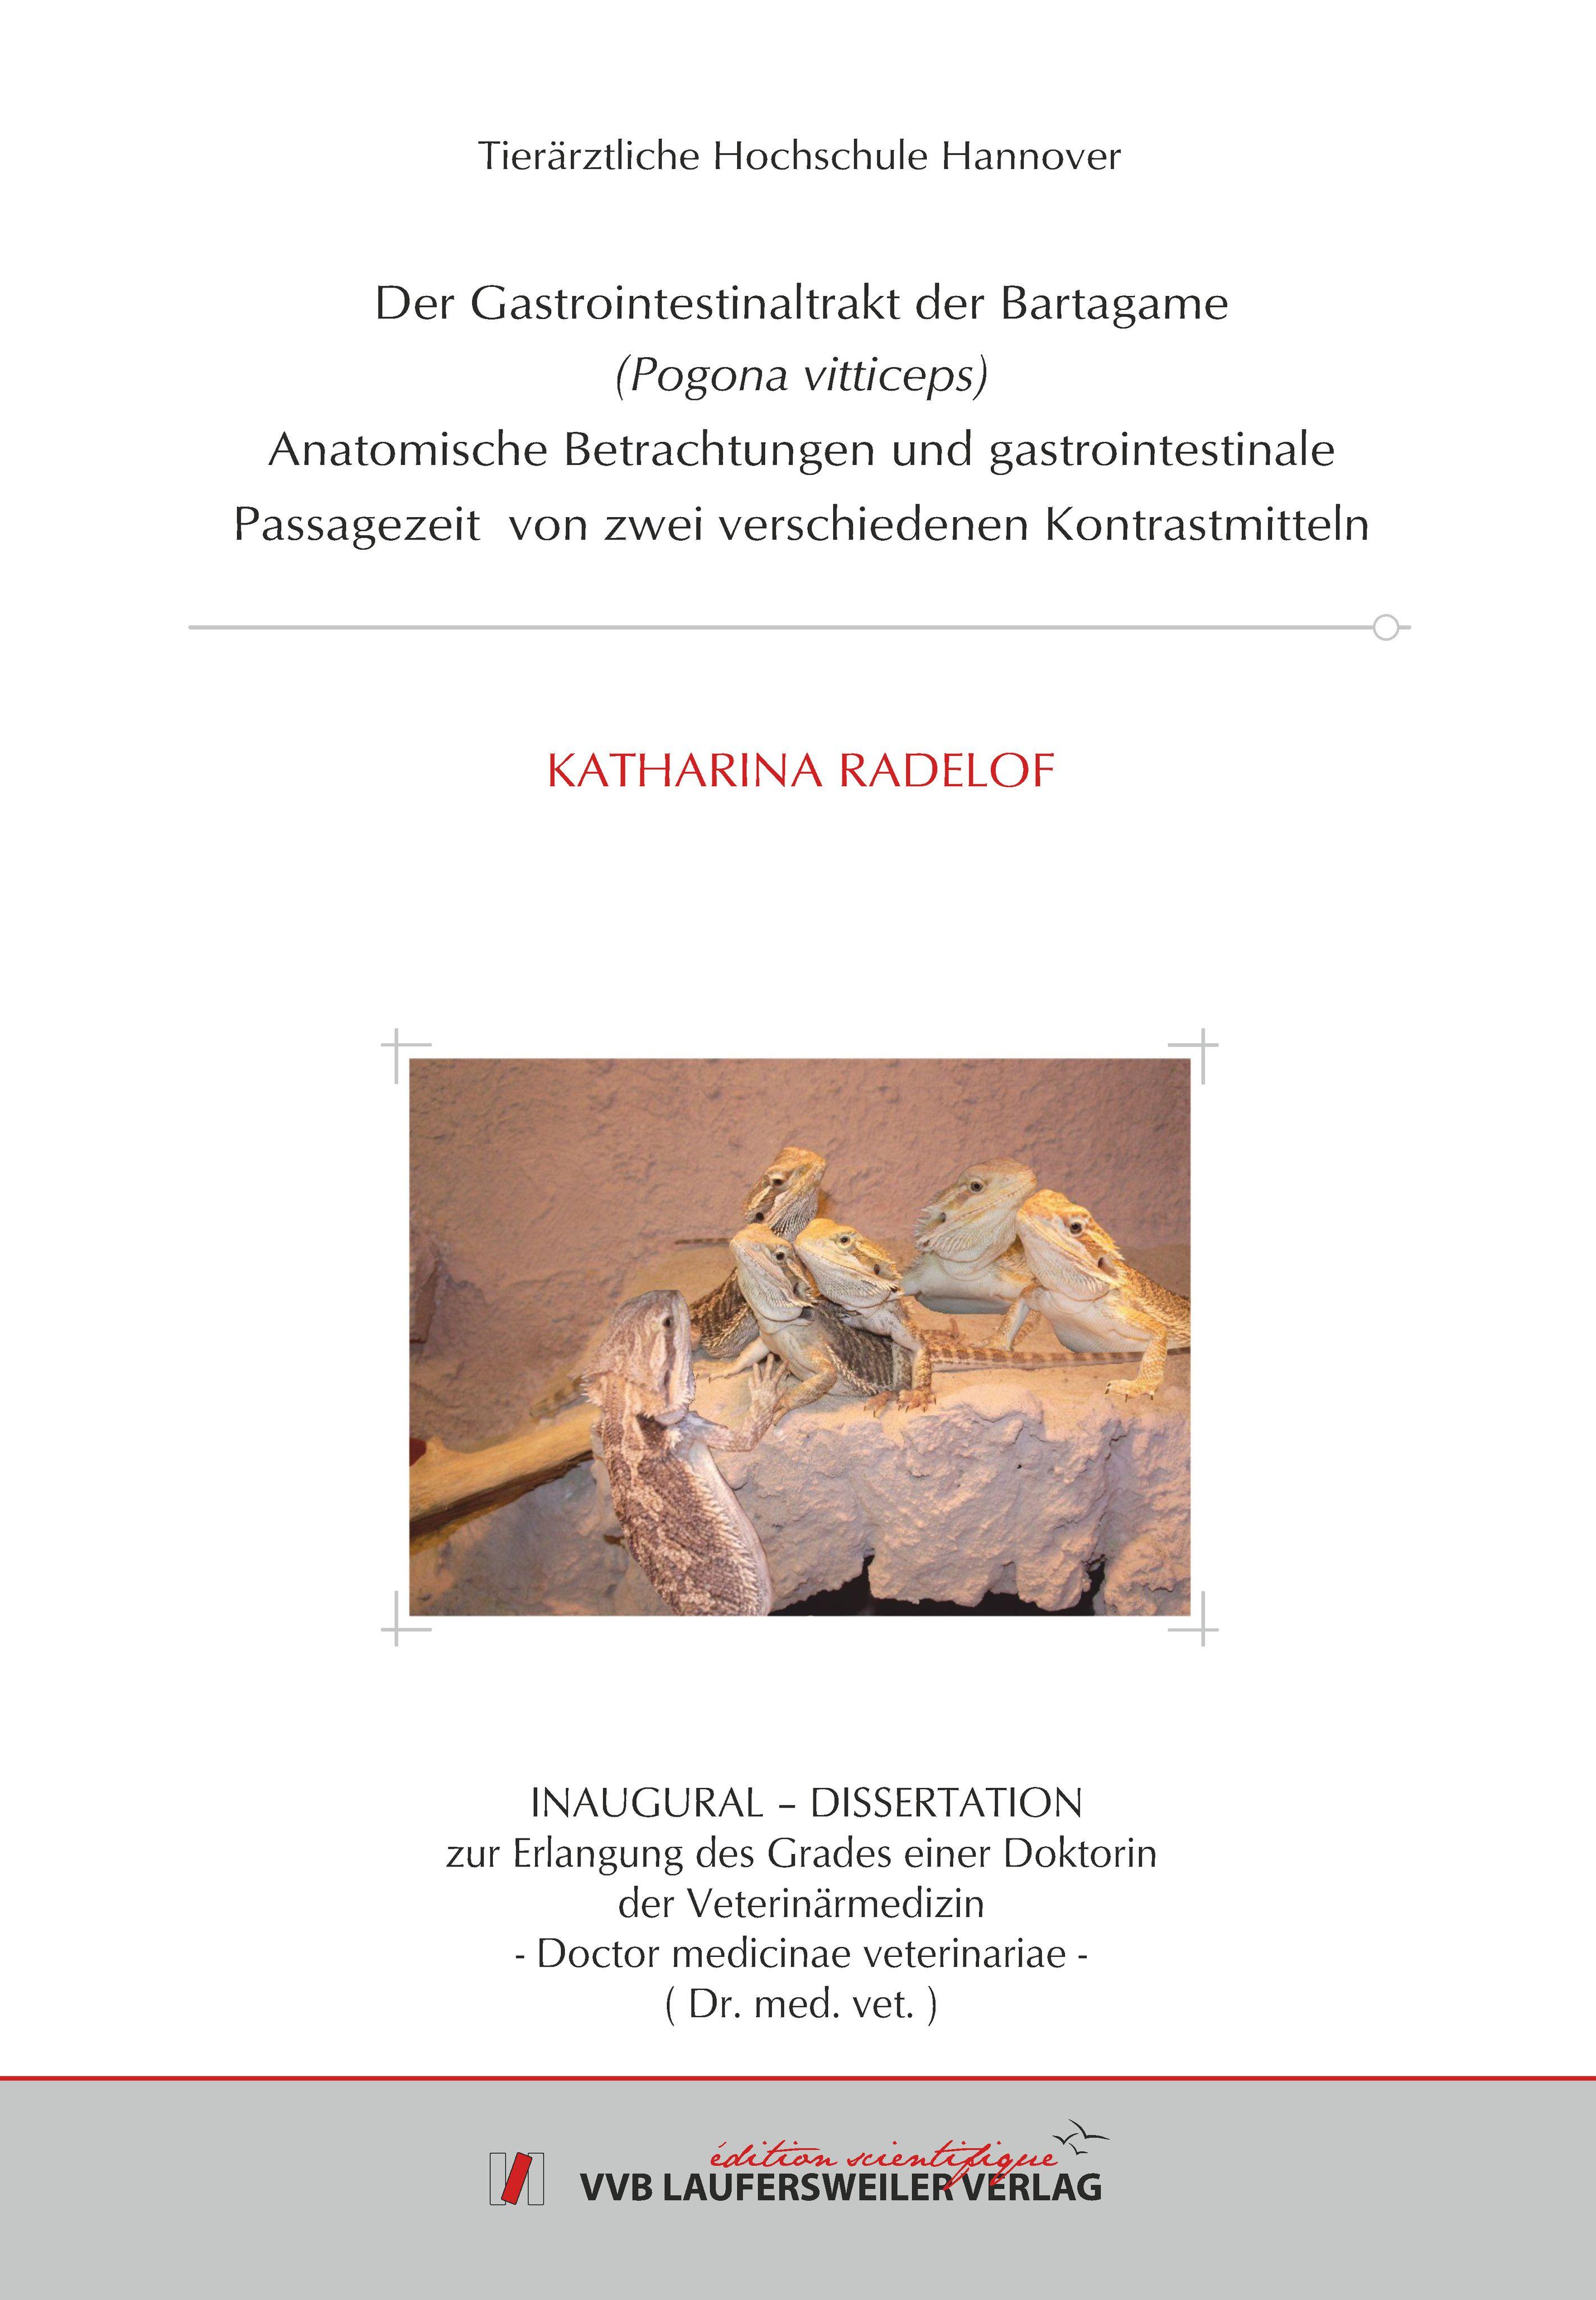 Niedlich Obere Gastrointestinaltrakt Anatomie Ideen - Anatomie Ideen ...